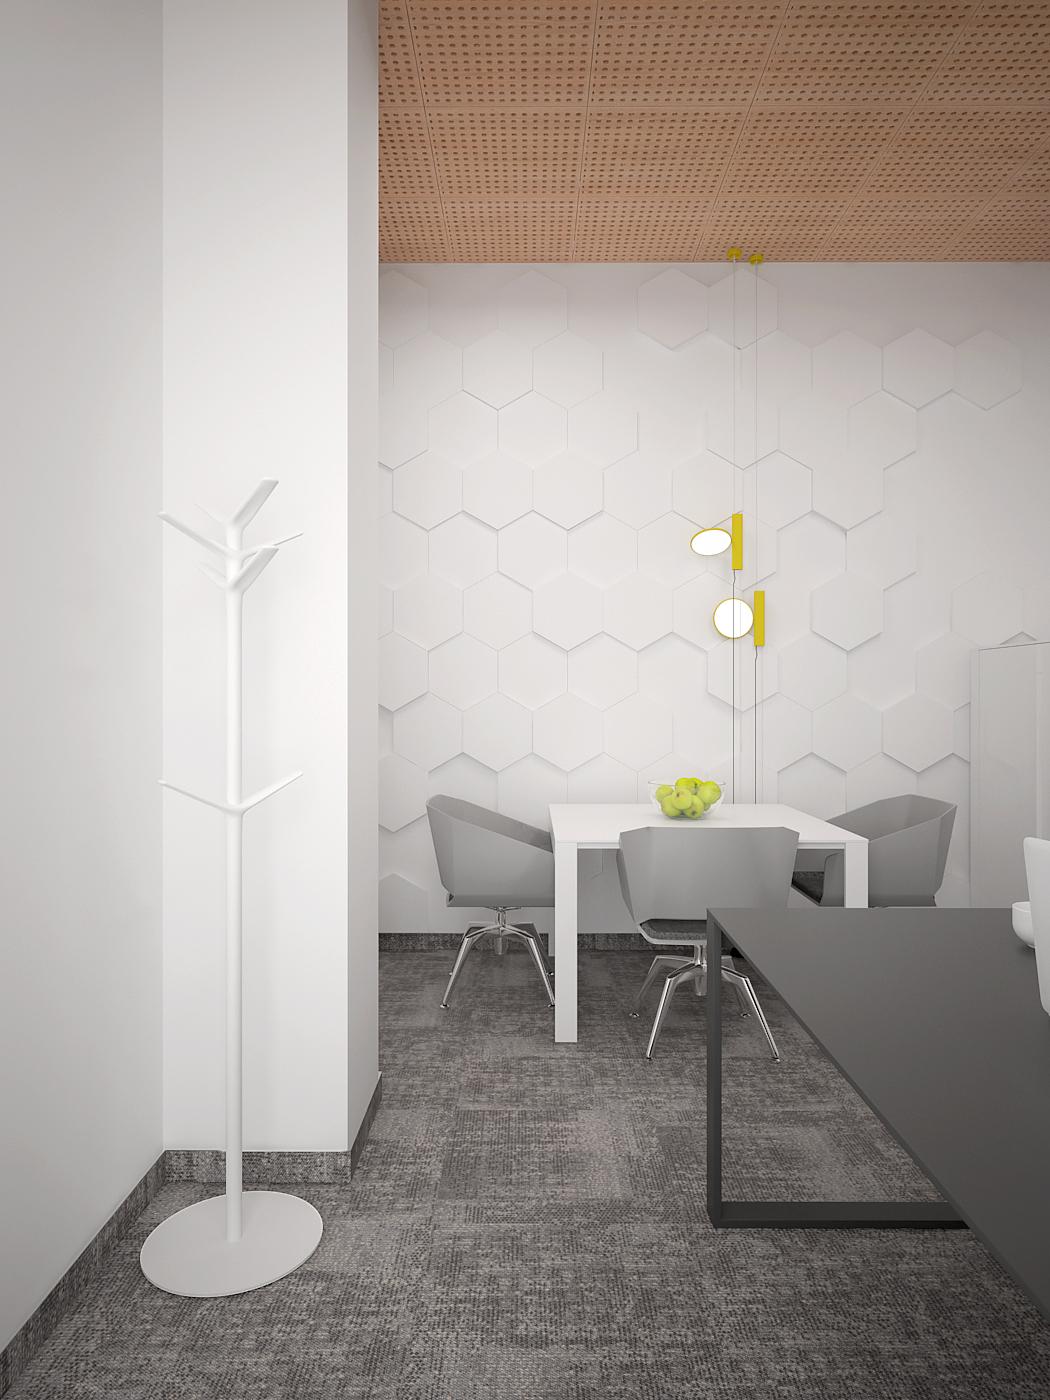 6 aranzacja biura 485 biuro krakow gabinet miejsce spotkan stolik kawowy panele nascienne 3d szara wykladzina